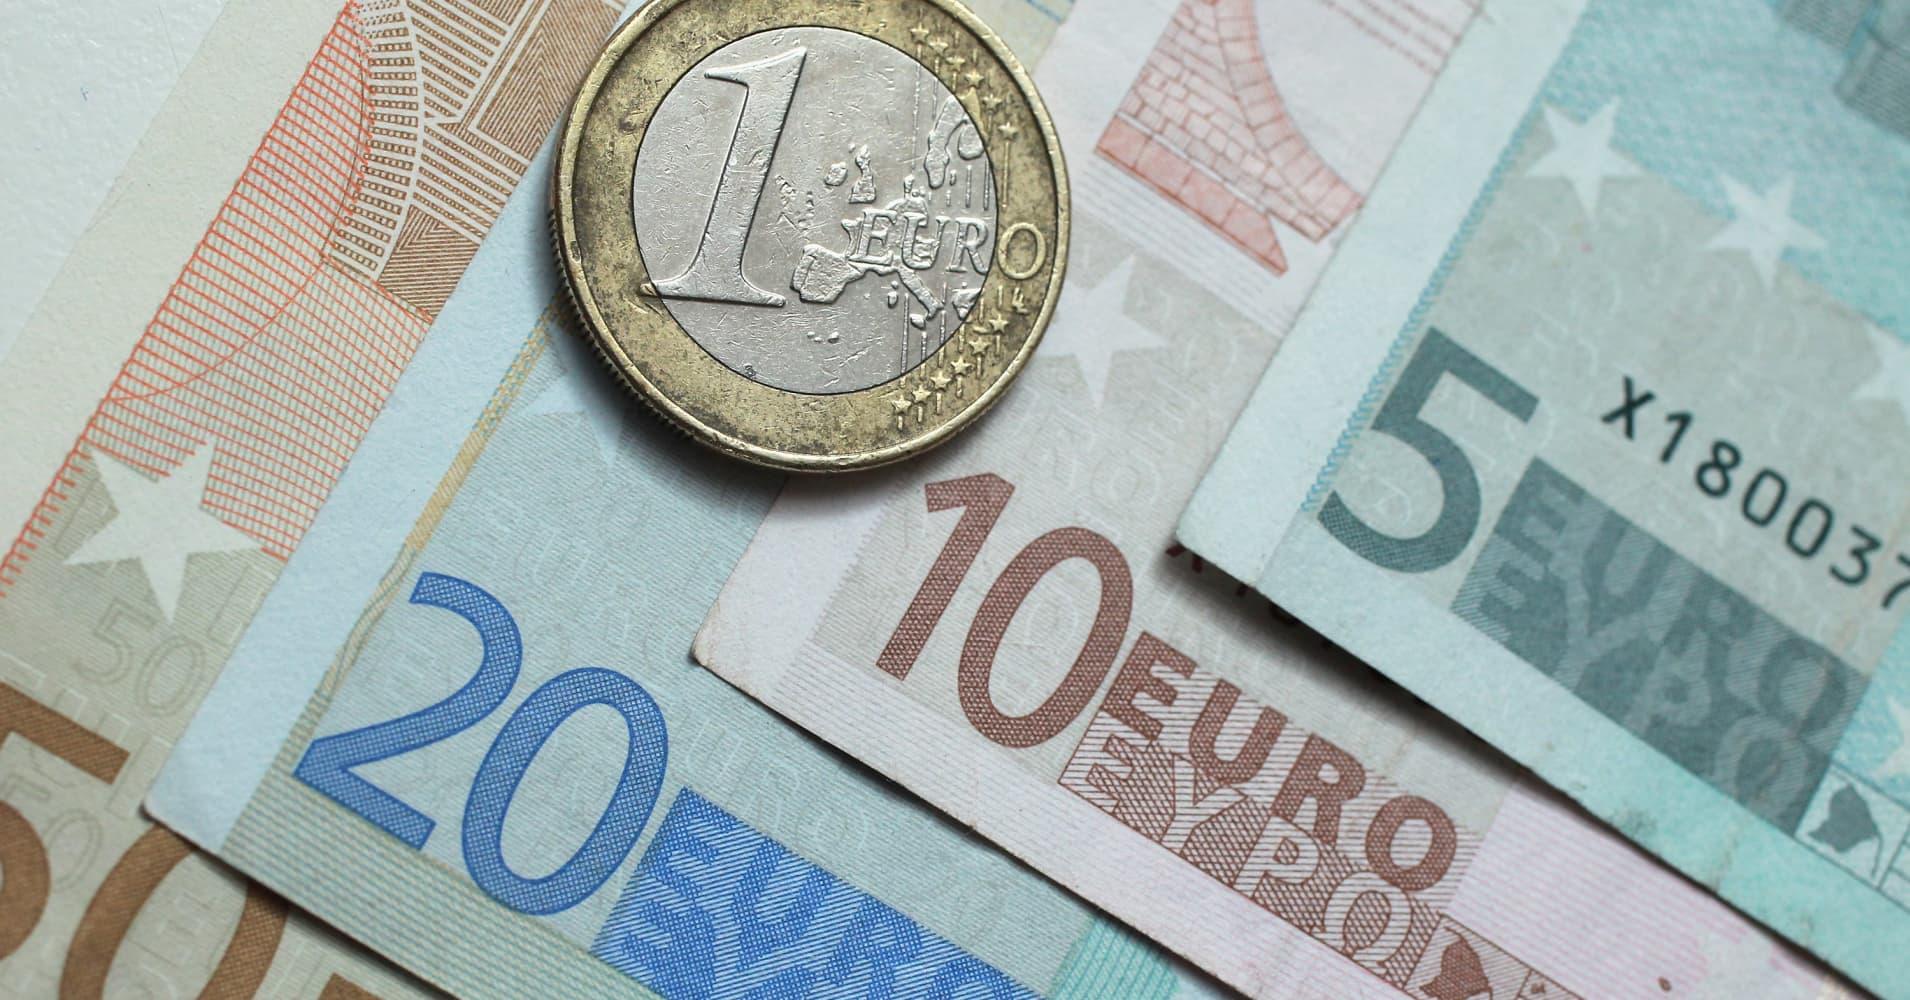 Sterling surges on hopes for Brexit deal, yen dips on chipmaker deal